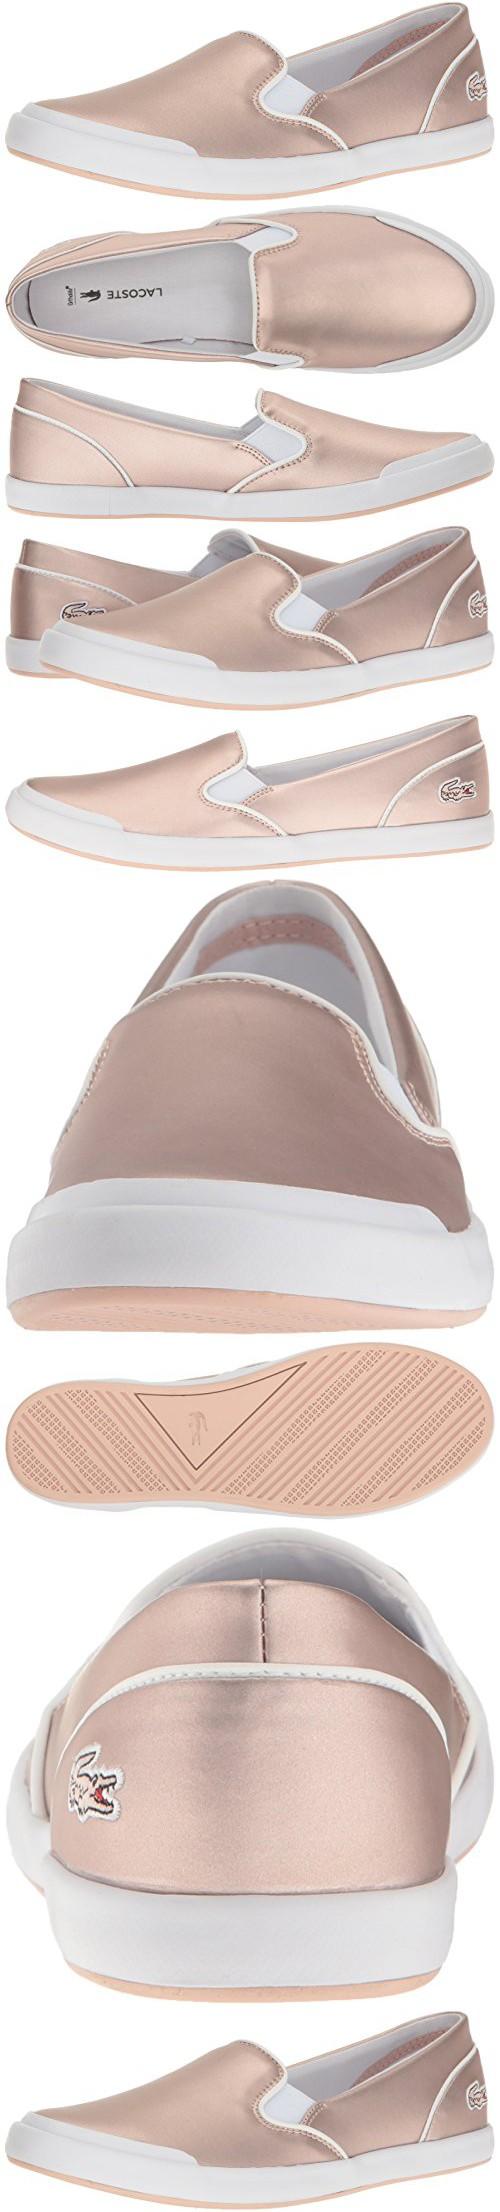 1a8f9a2c67196 Lacoste Women s Lancelle Slip on 117 2 Fashion Sneaker